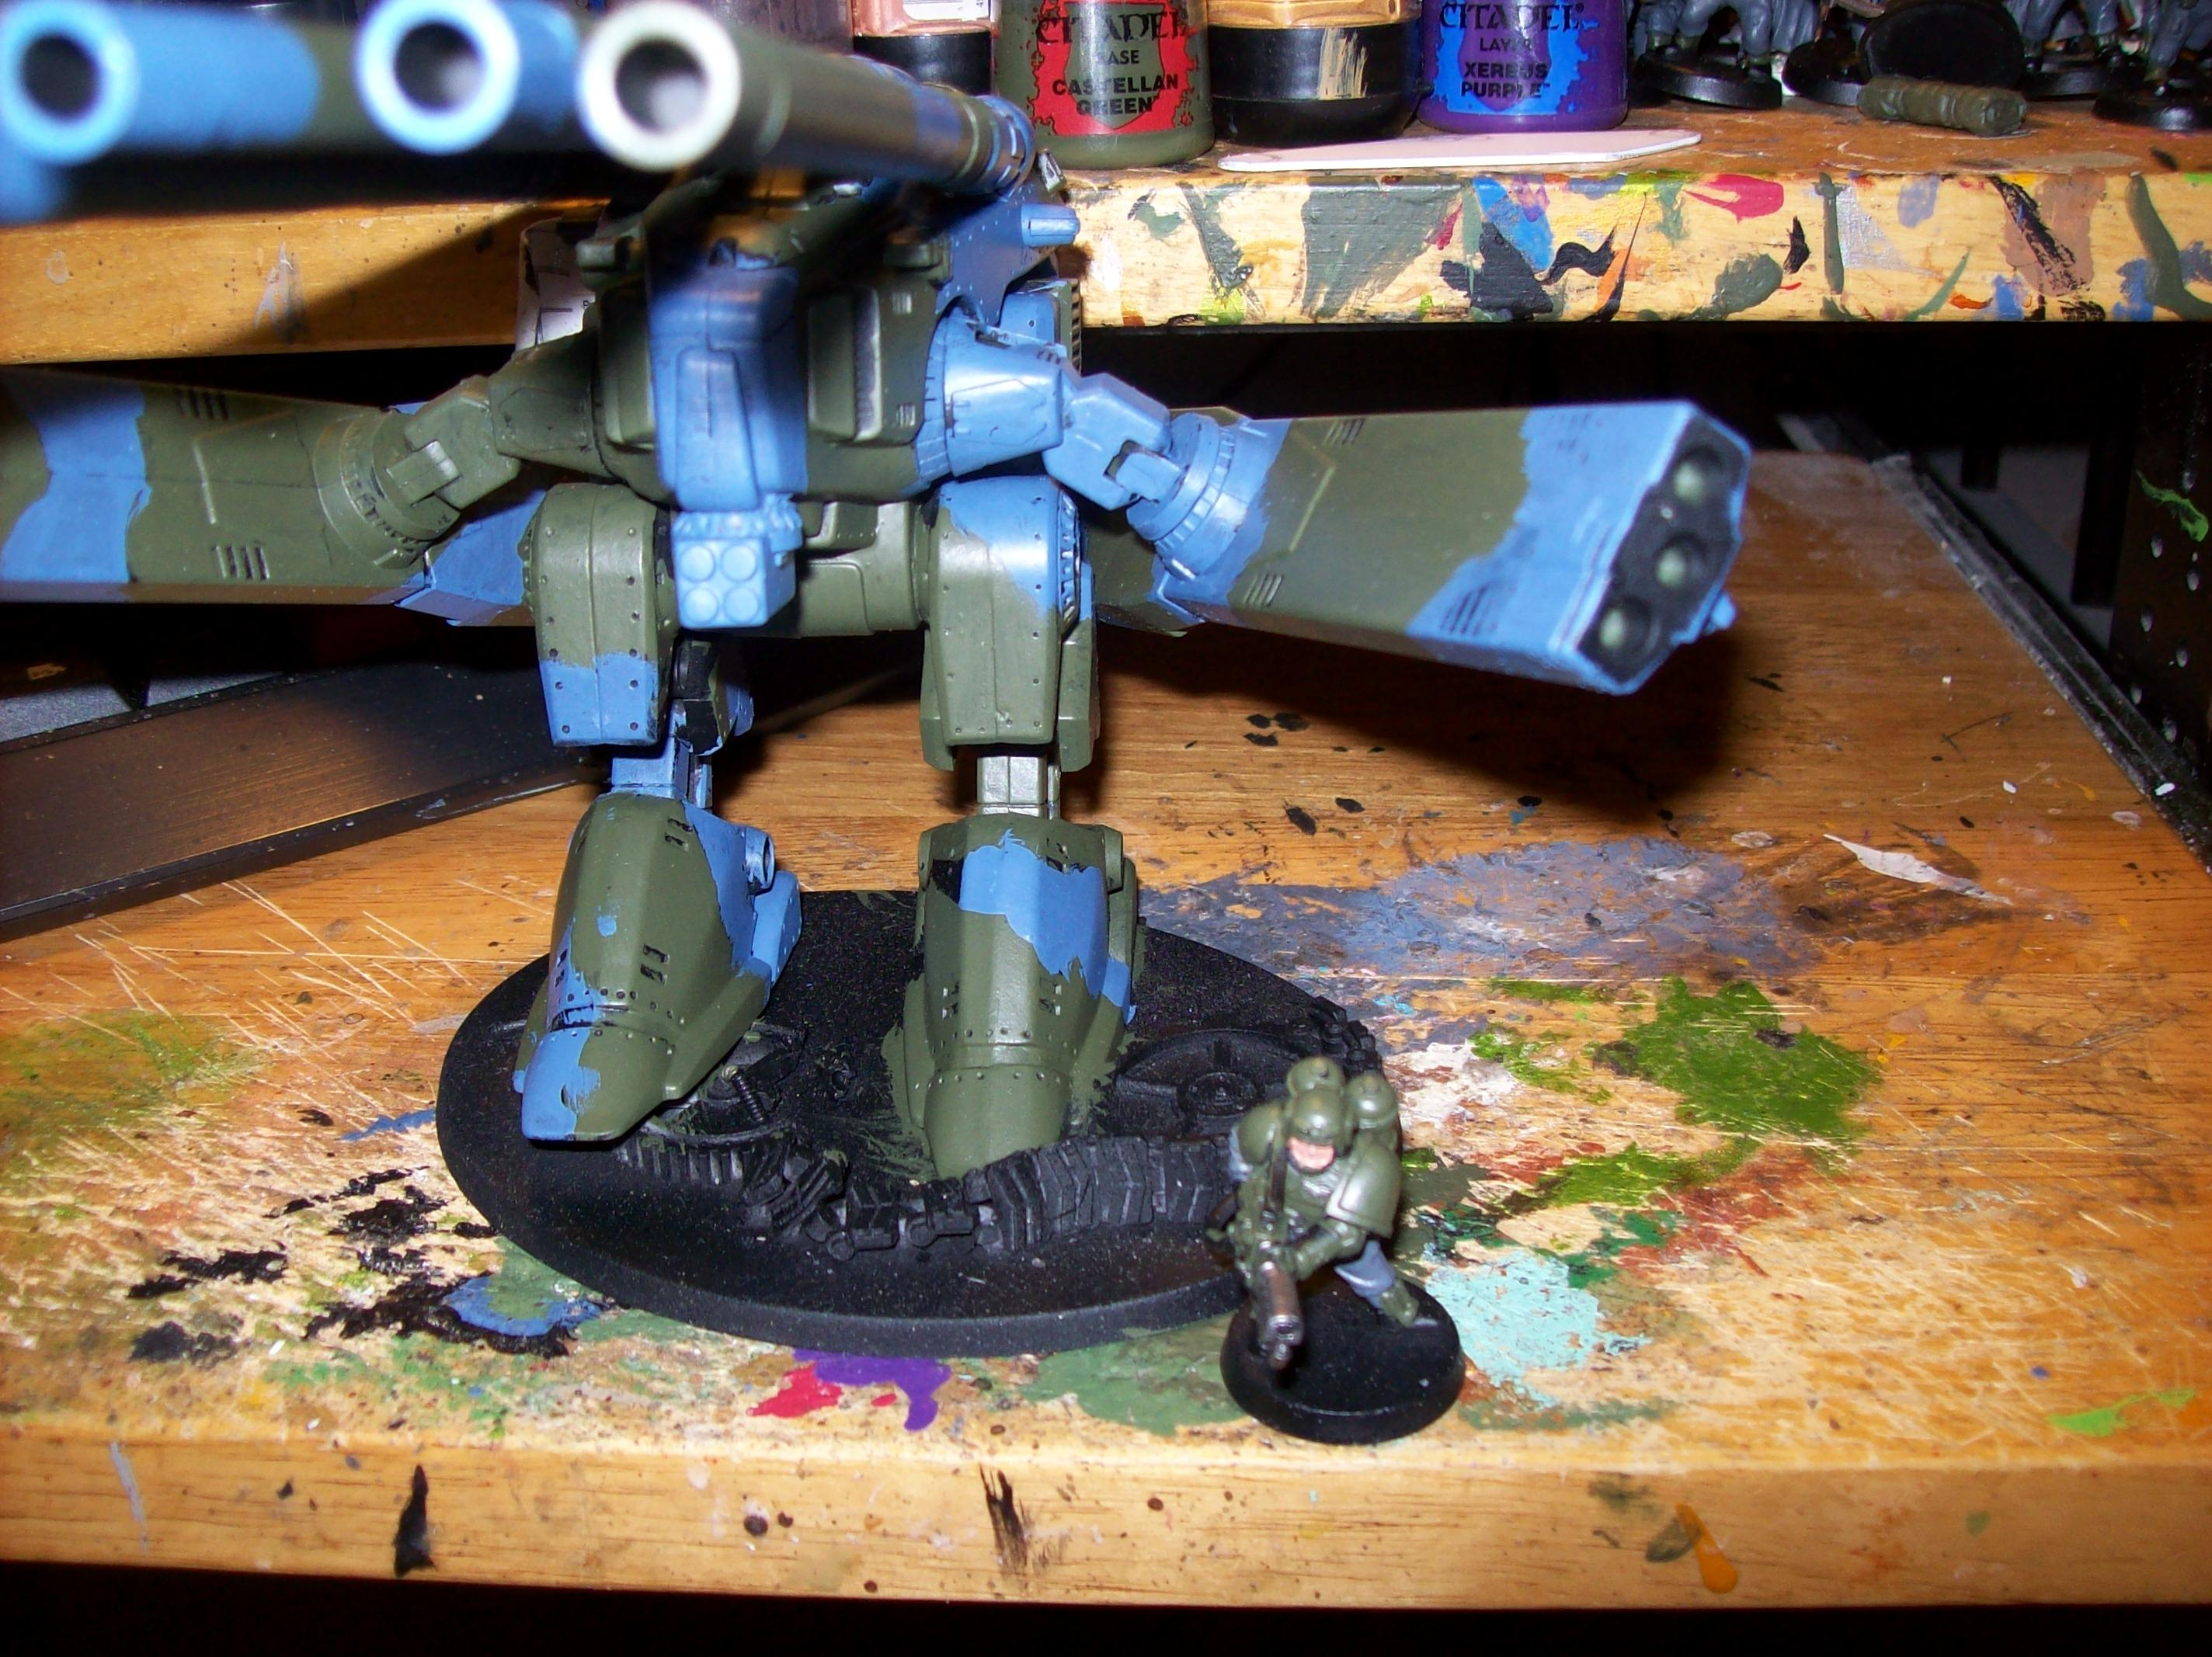 Destroid, Macross, Monster, Robotech, Walker